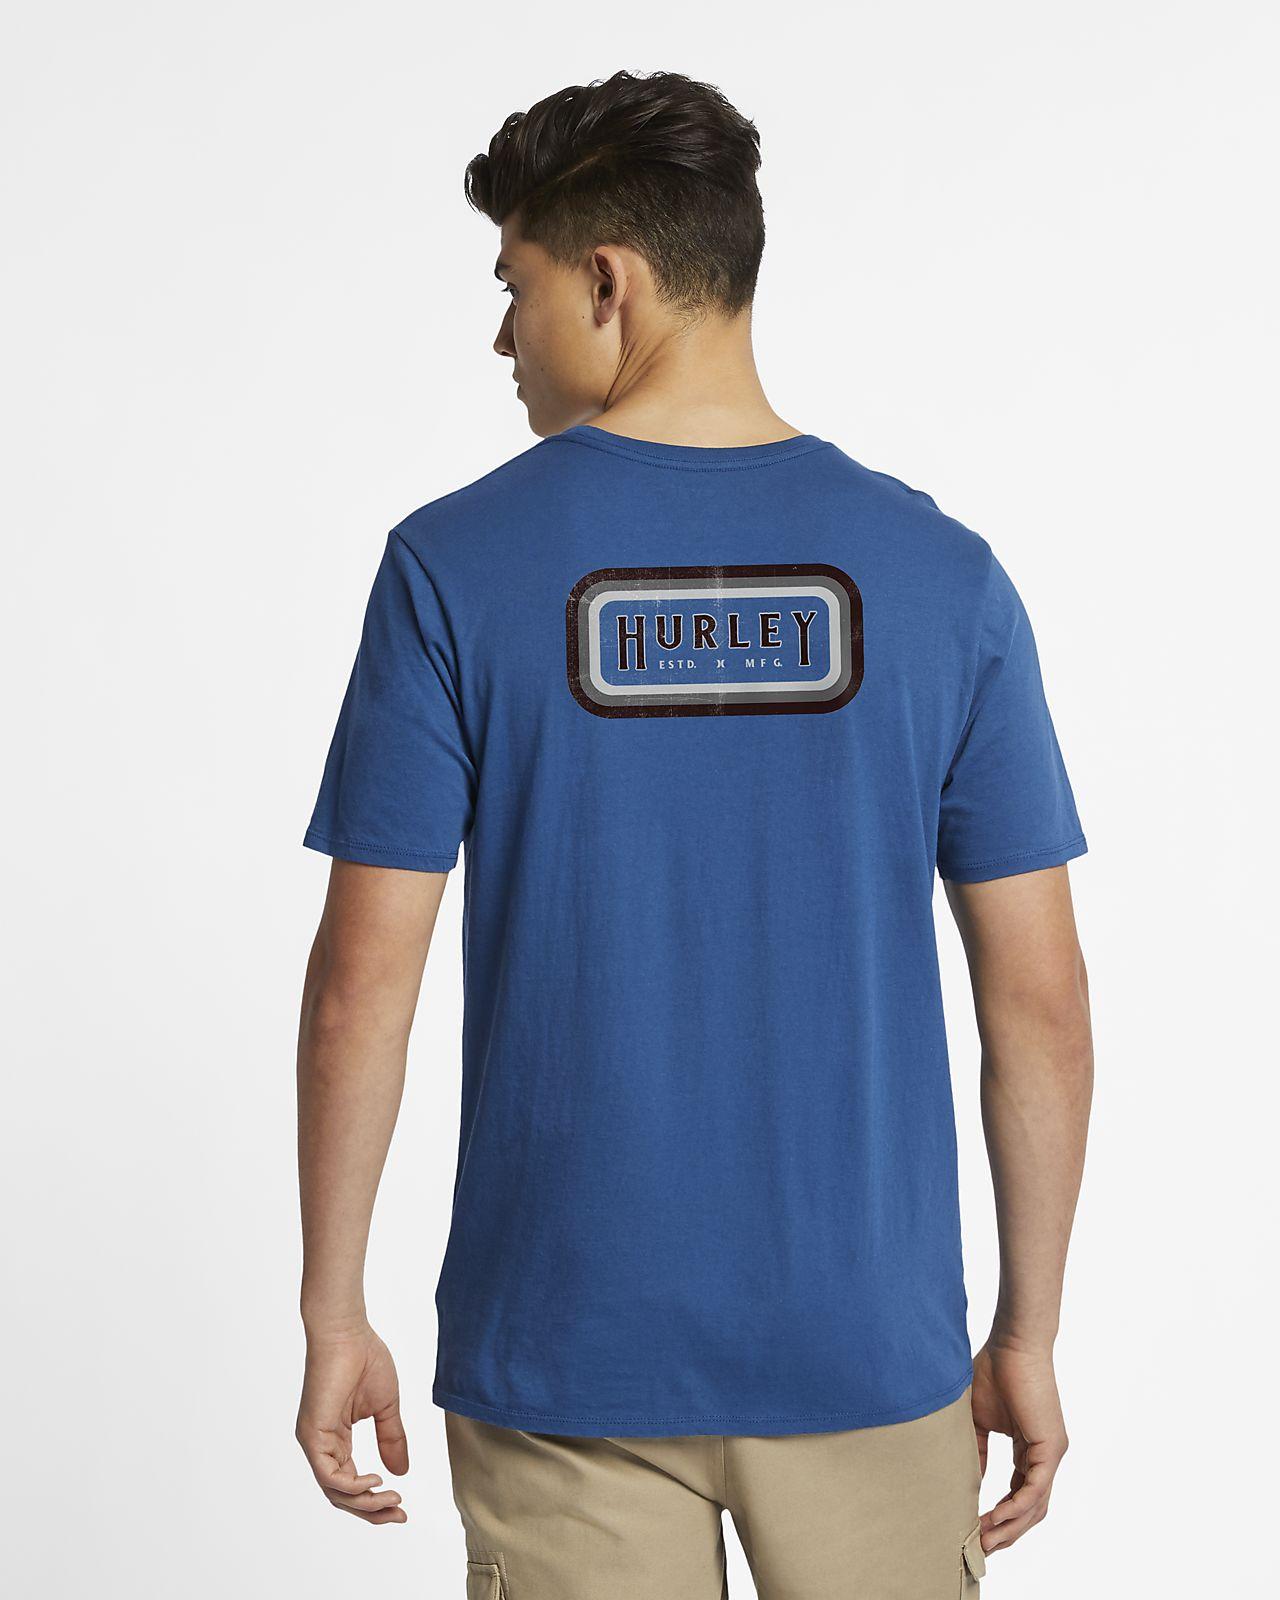 T-shirt Hurley Breaker för män